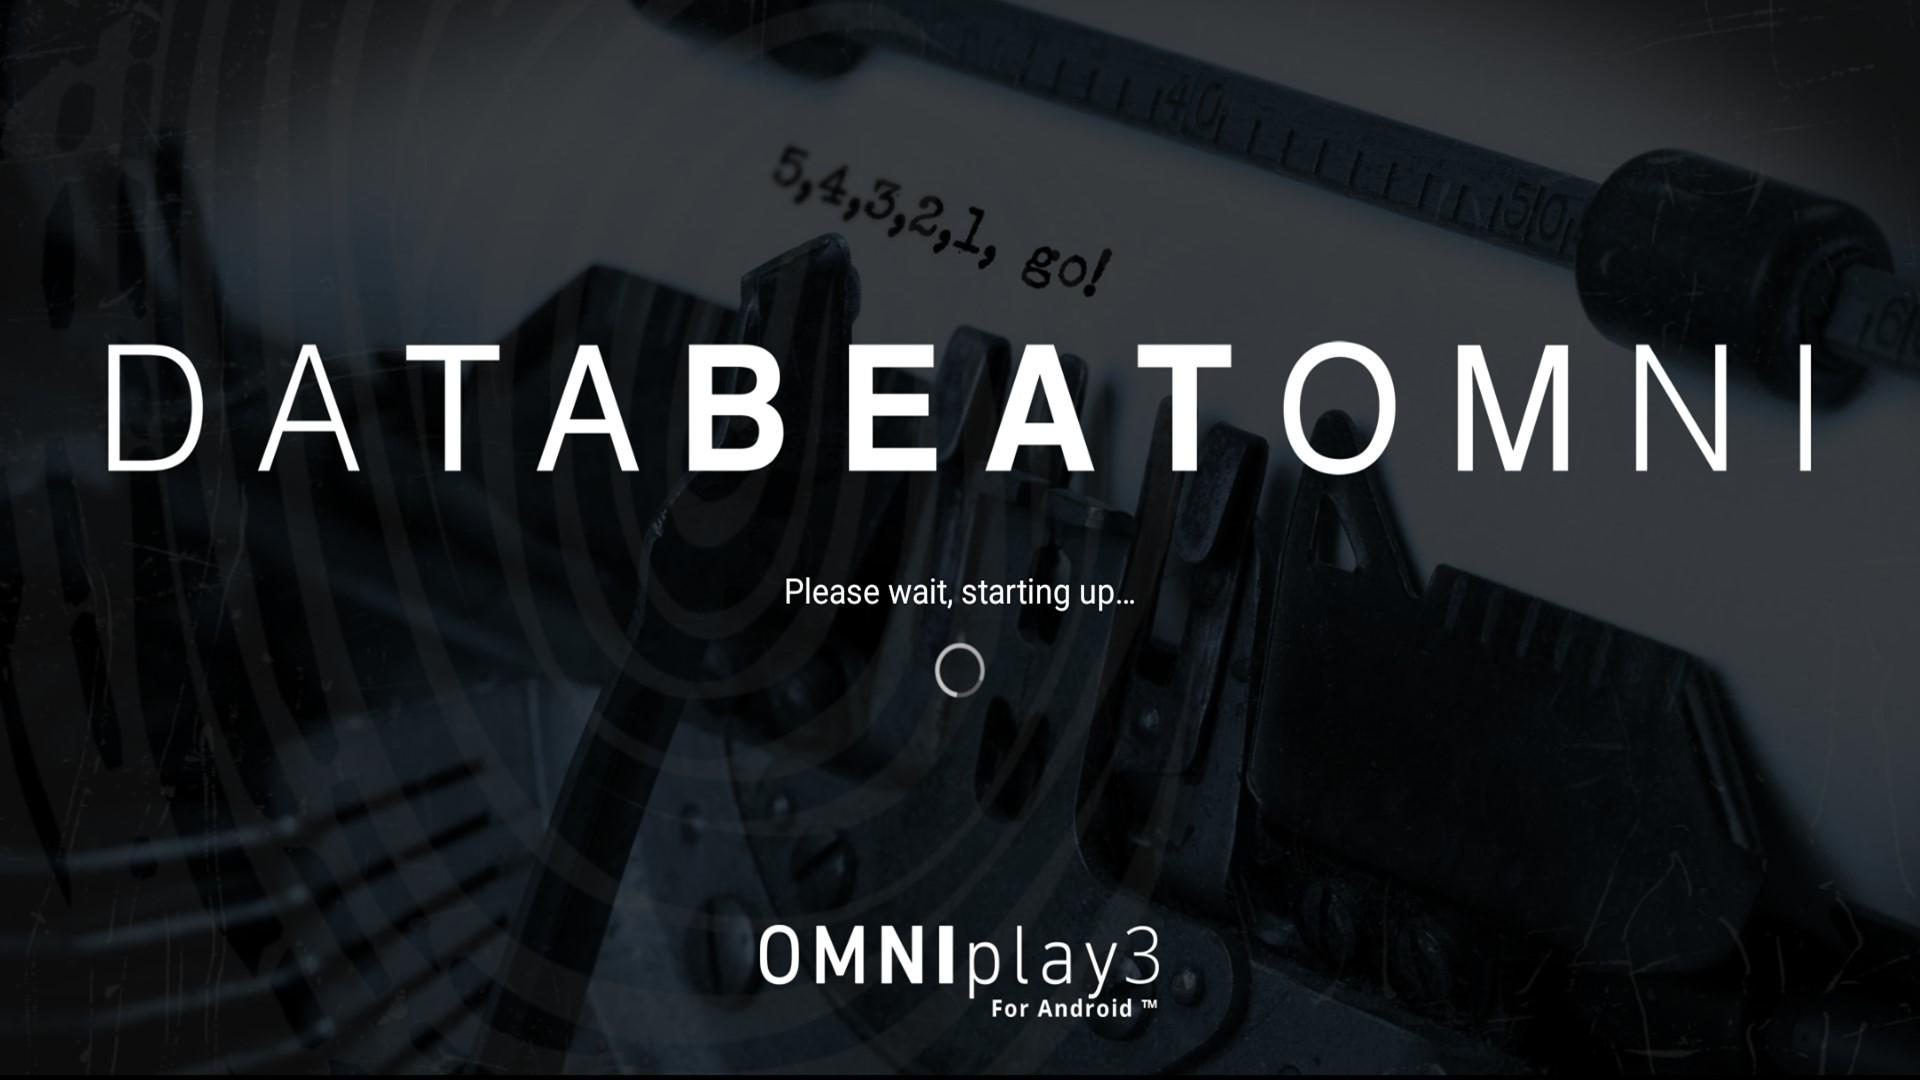 Databeat OMNIplay3 oppstart